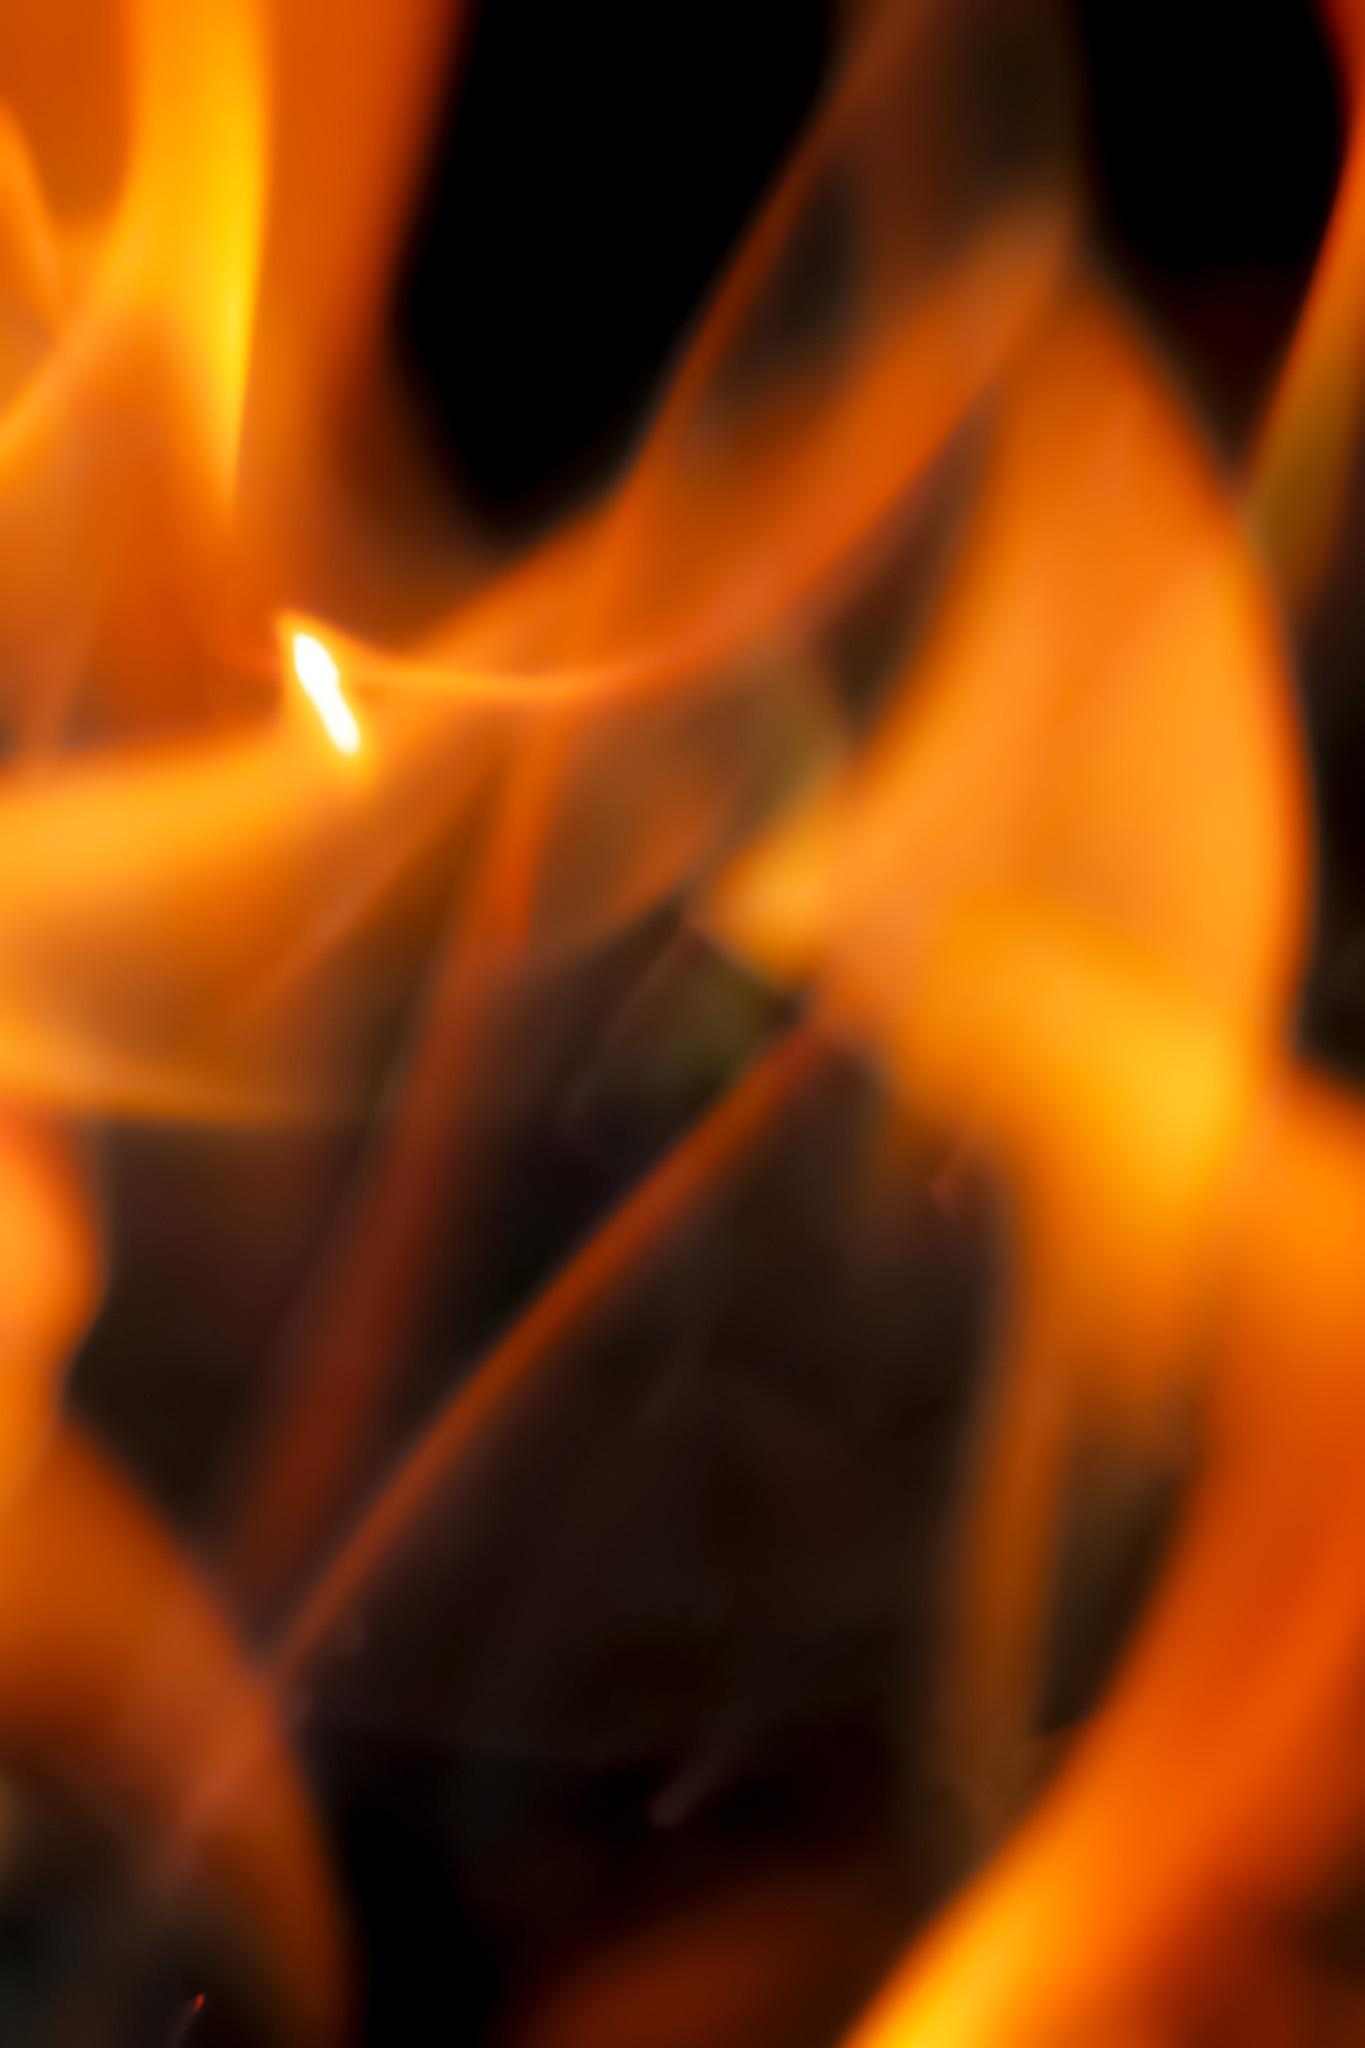 「闇に炎が立ち揺れる」